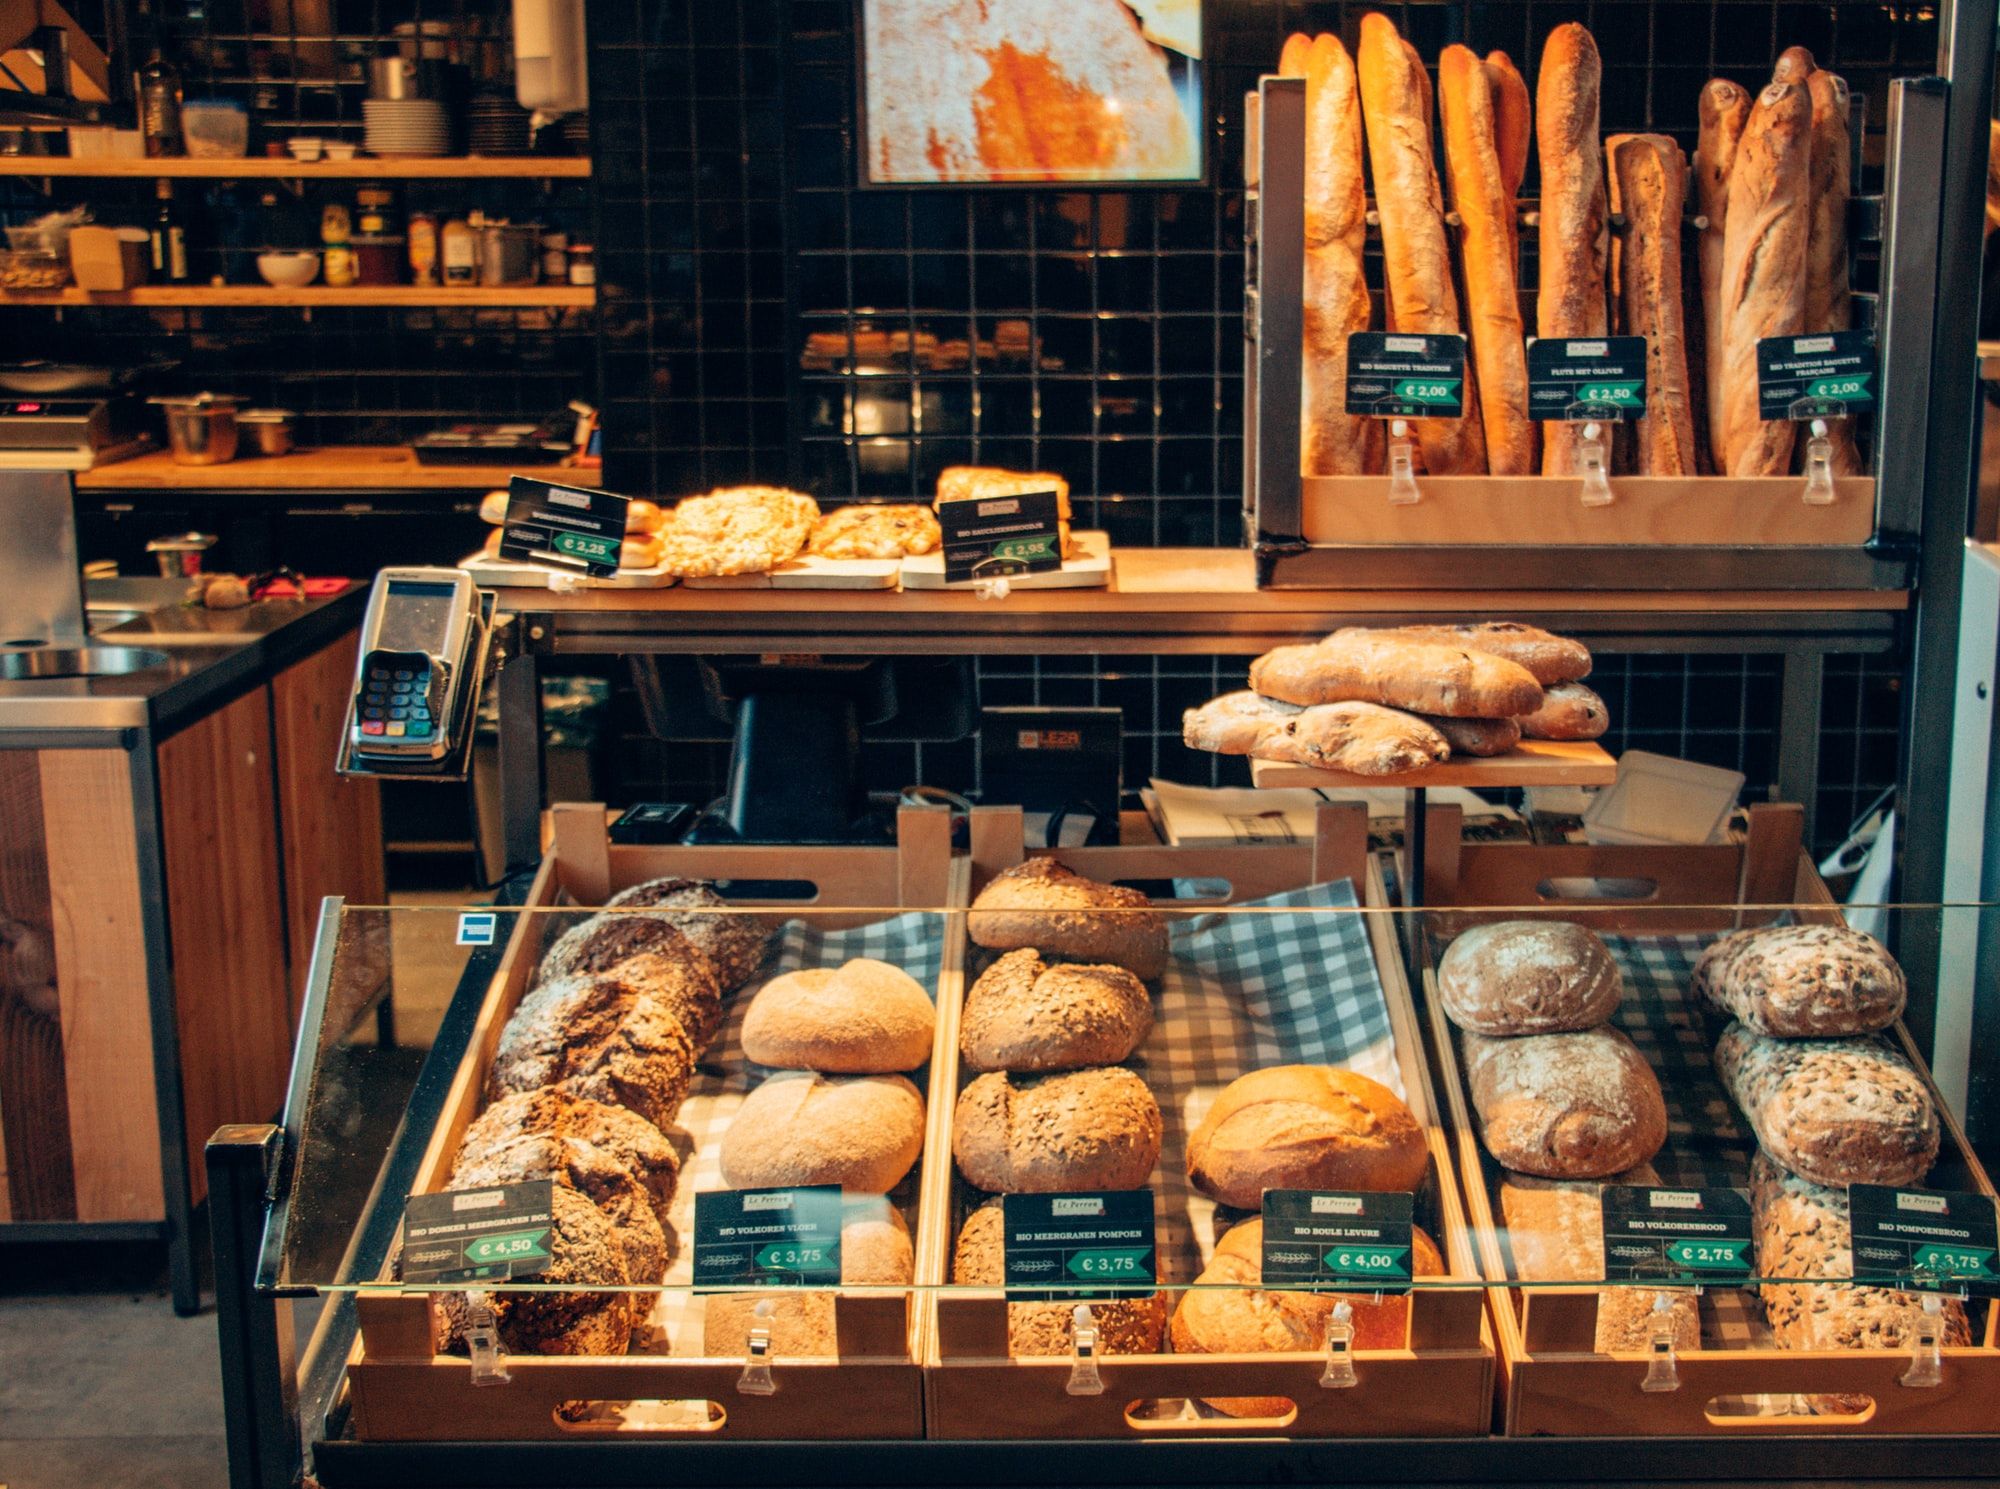 Energieeffizienz in Bäckereien